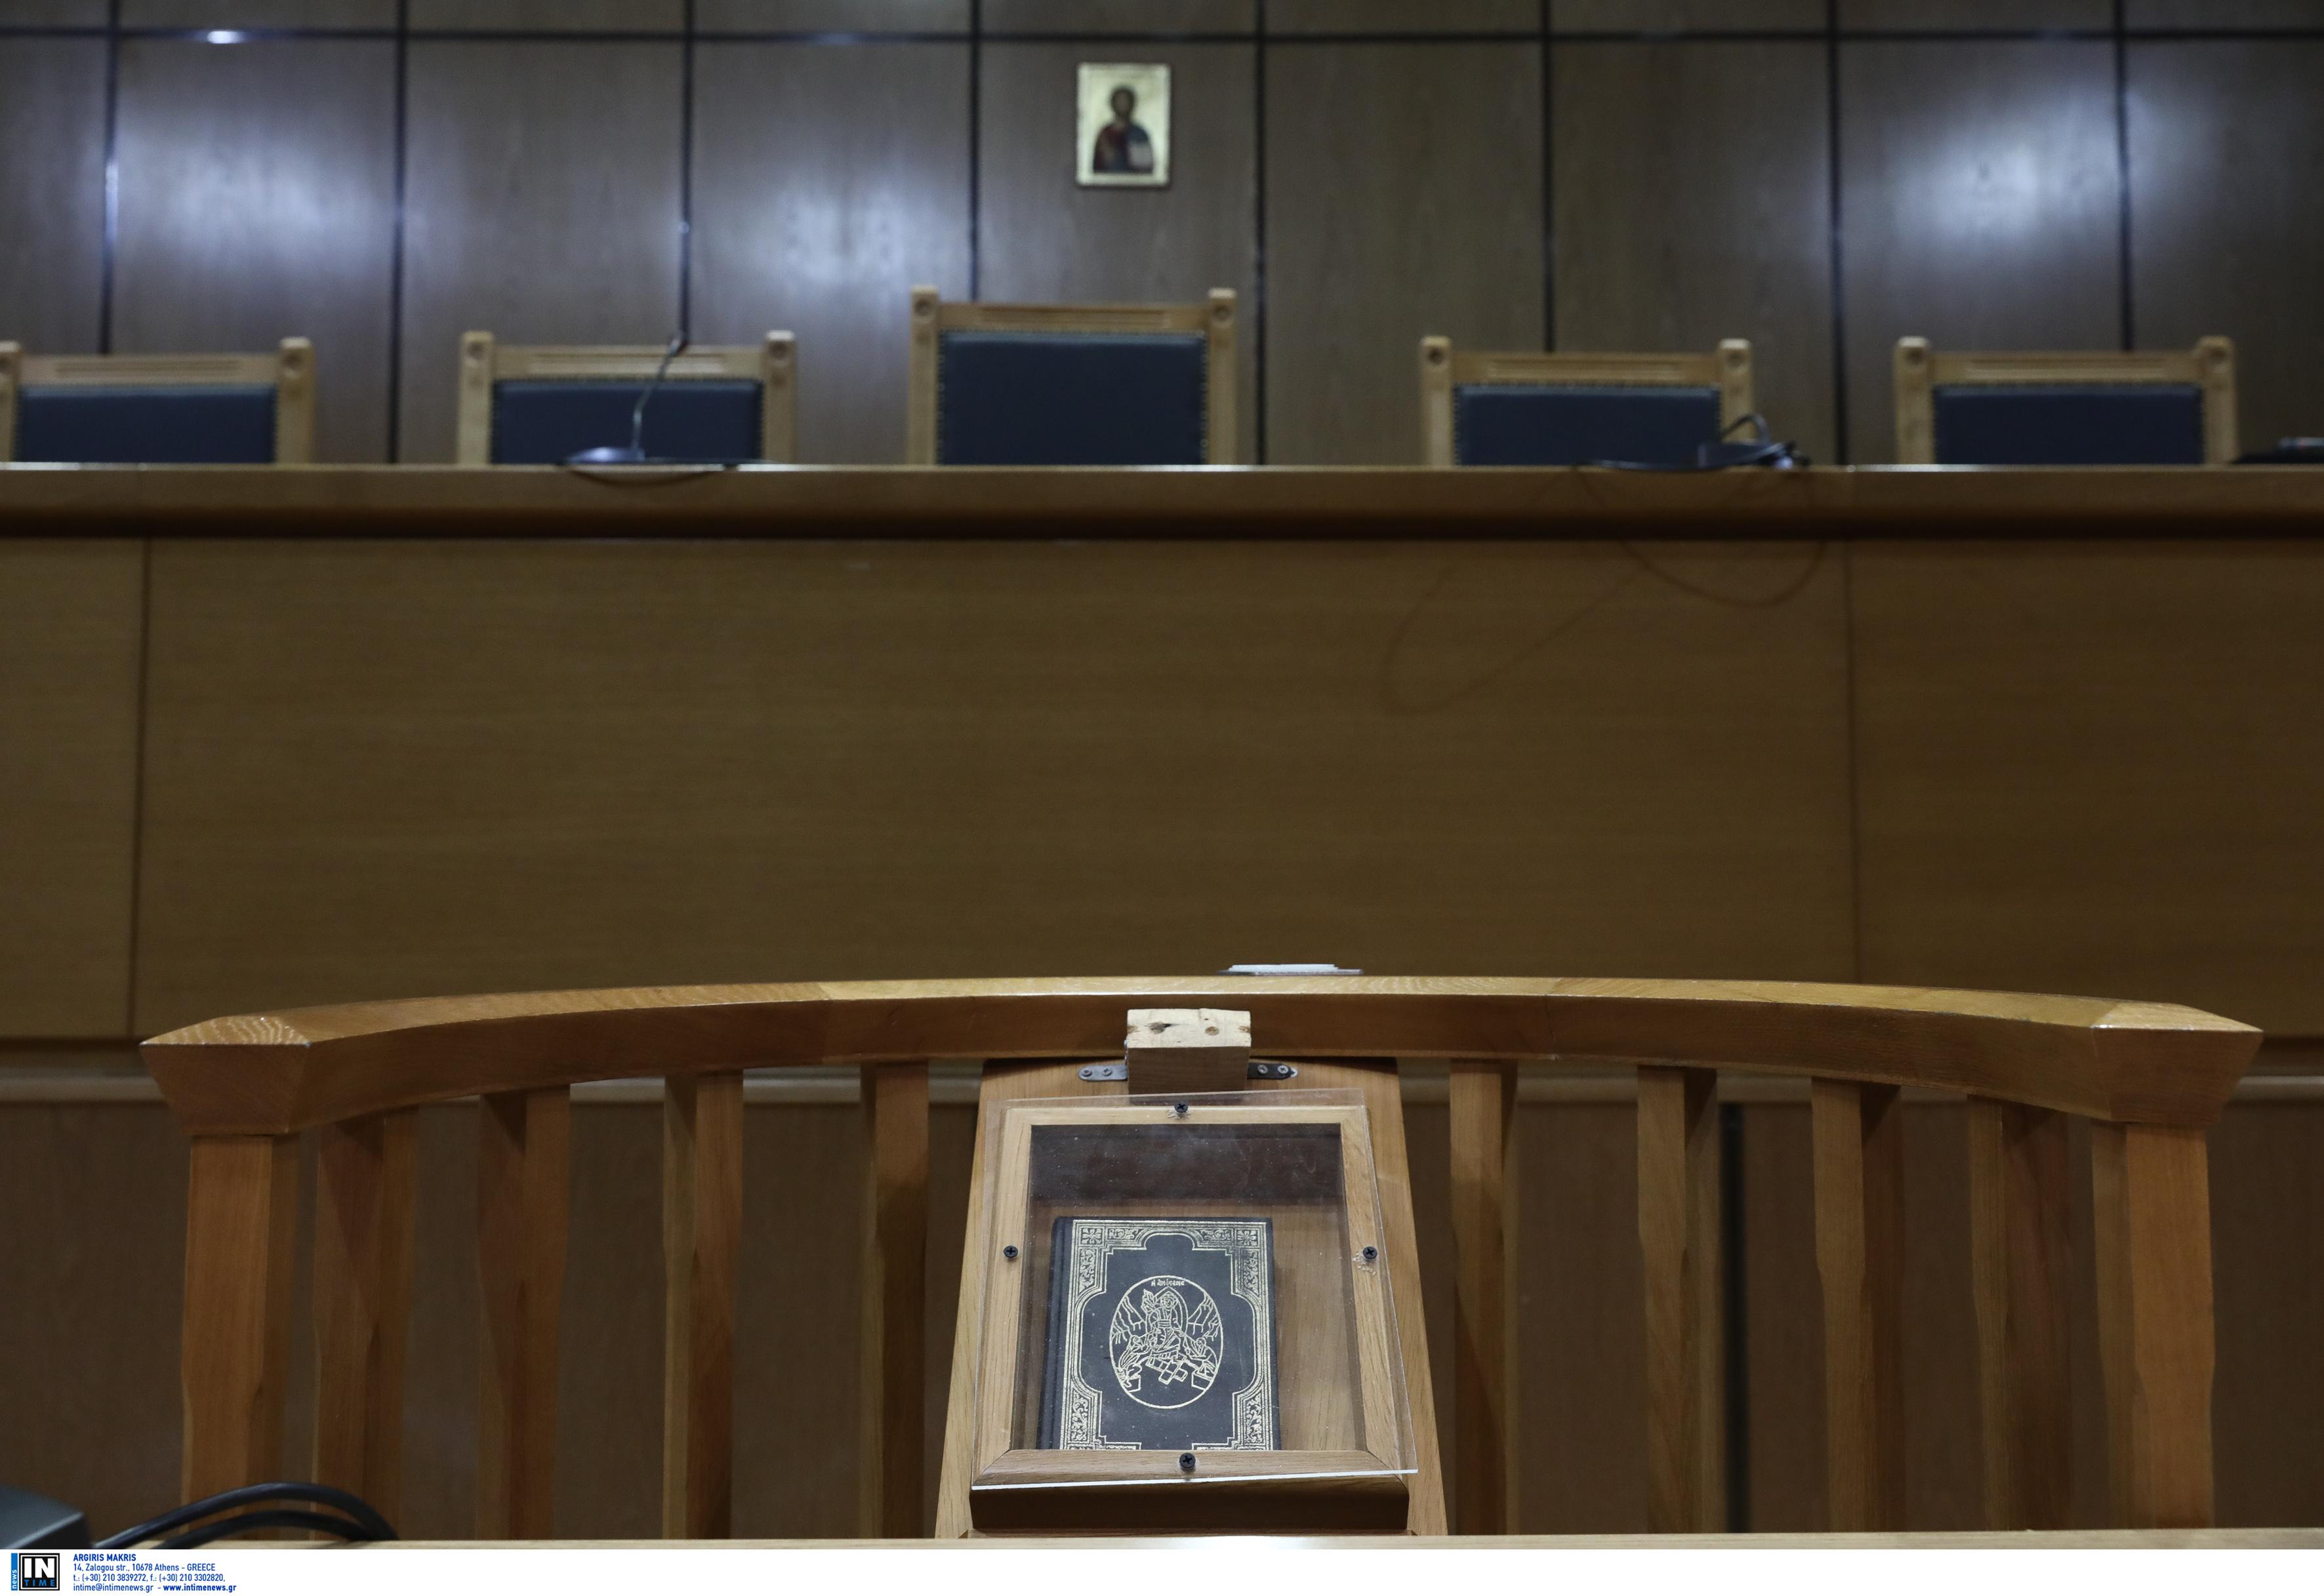 Κρήτη: Ανατροπή για τον βιασμό κοπέλας σε ξενοδοχείο – Τι έδειξε η ιατροδικαστική εξέταση!